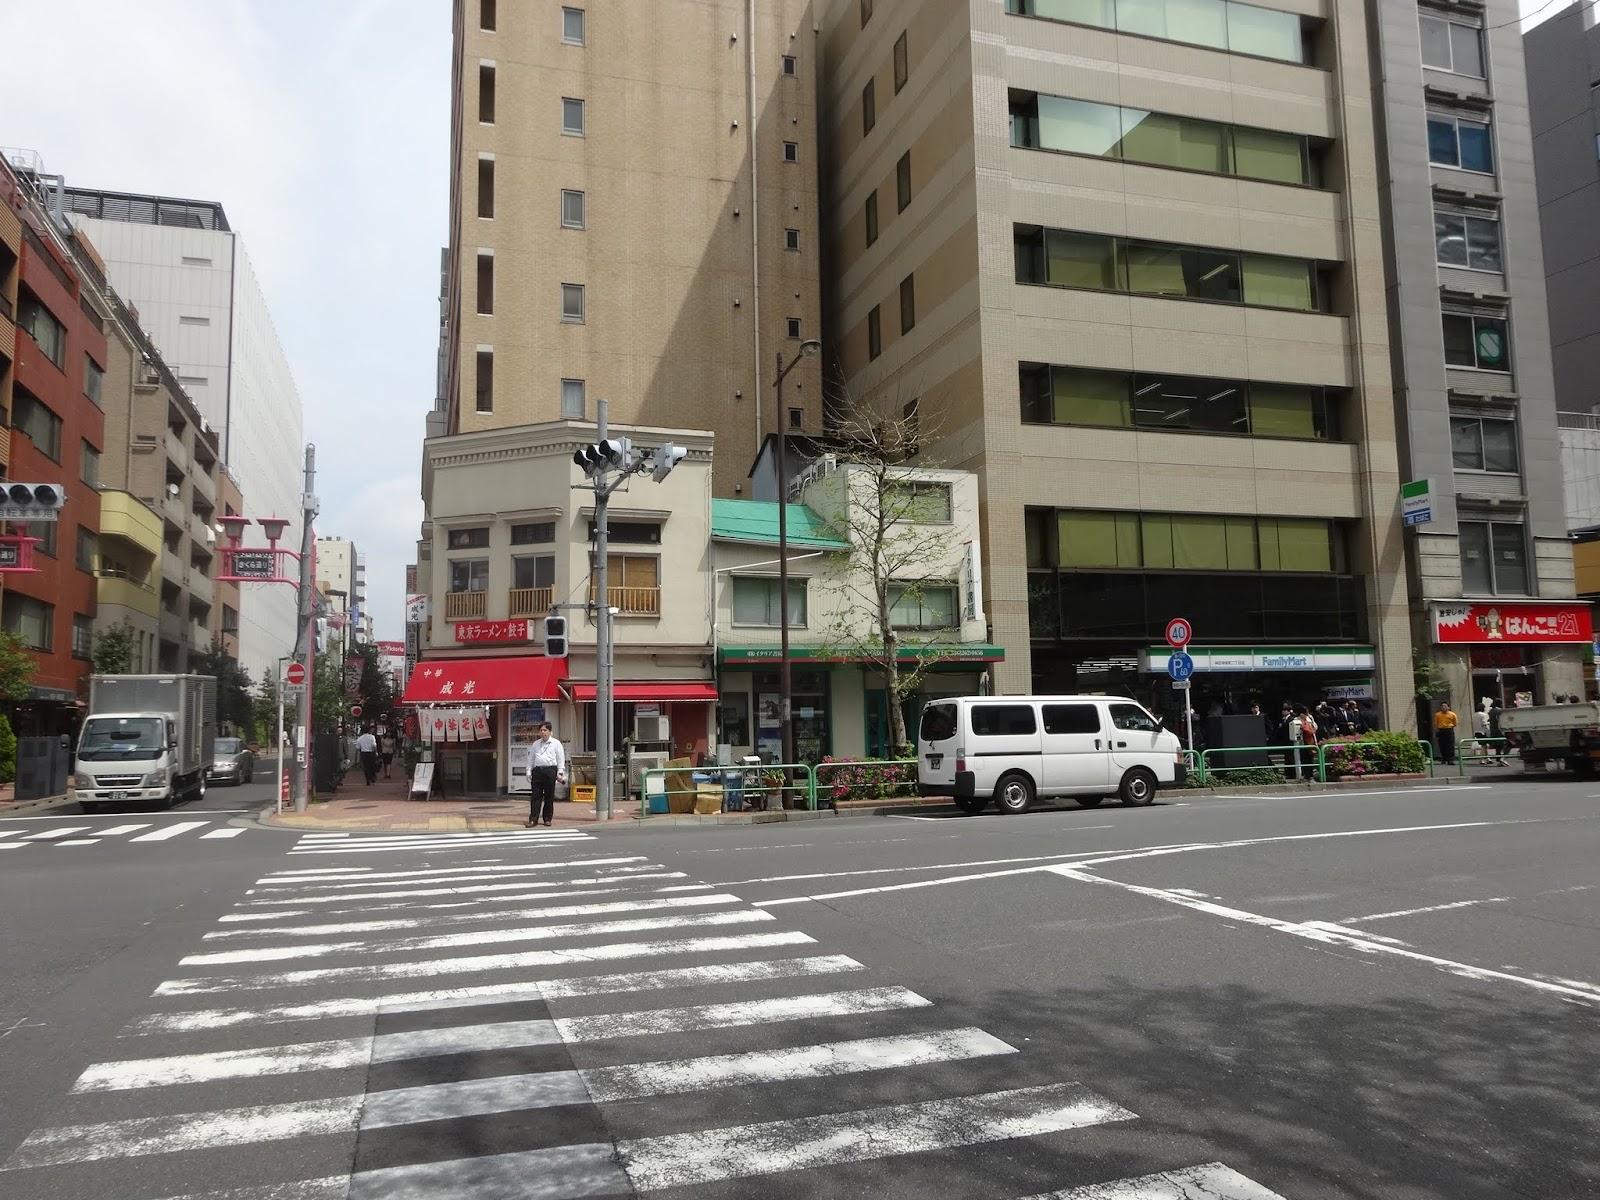 町中華探検隊が行く!: MCT@神保町 三幸園 by下関マグロ